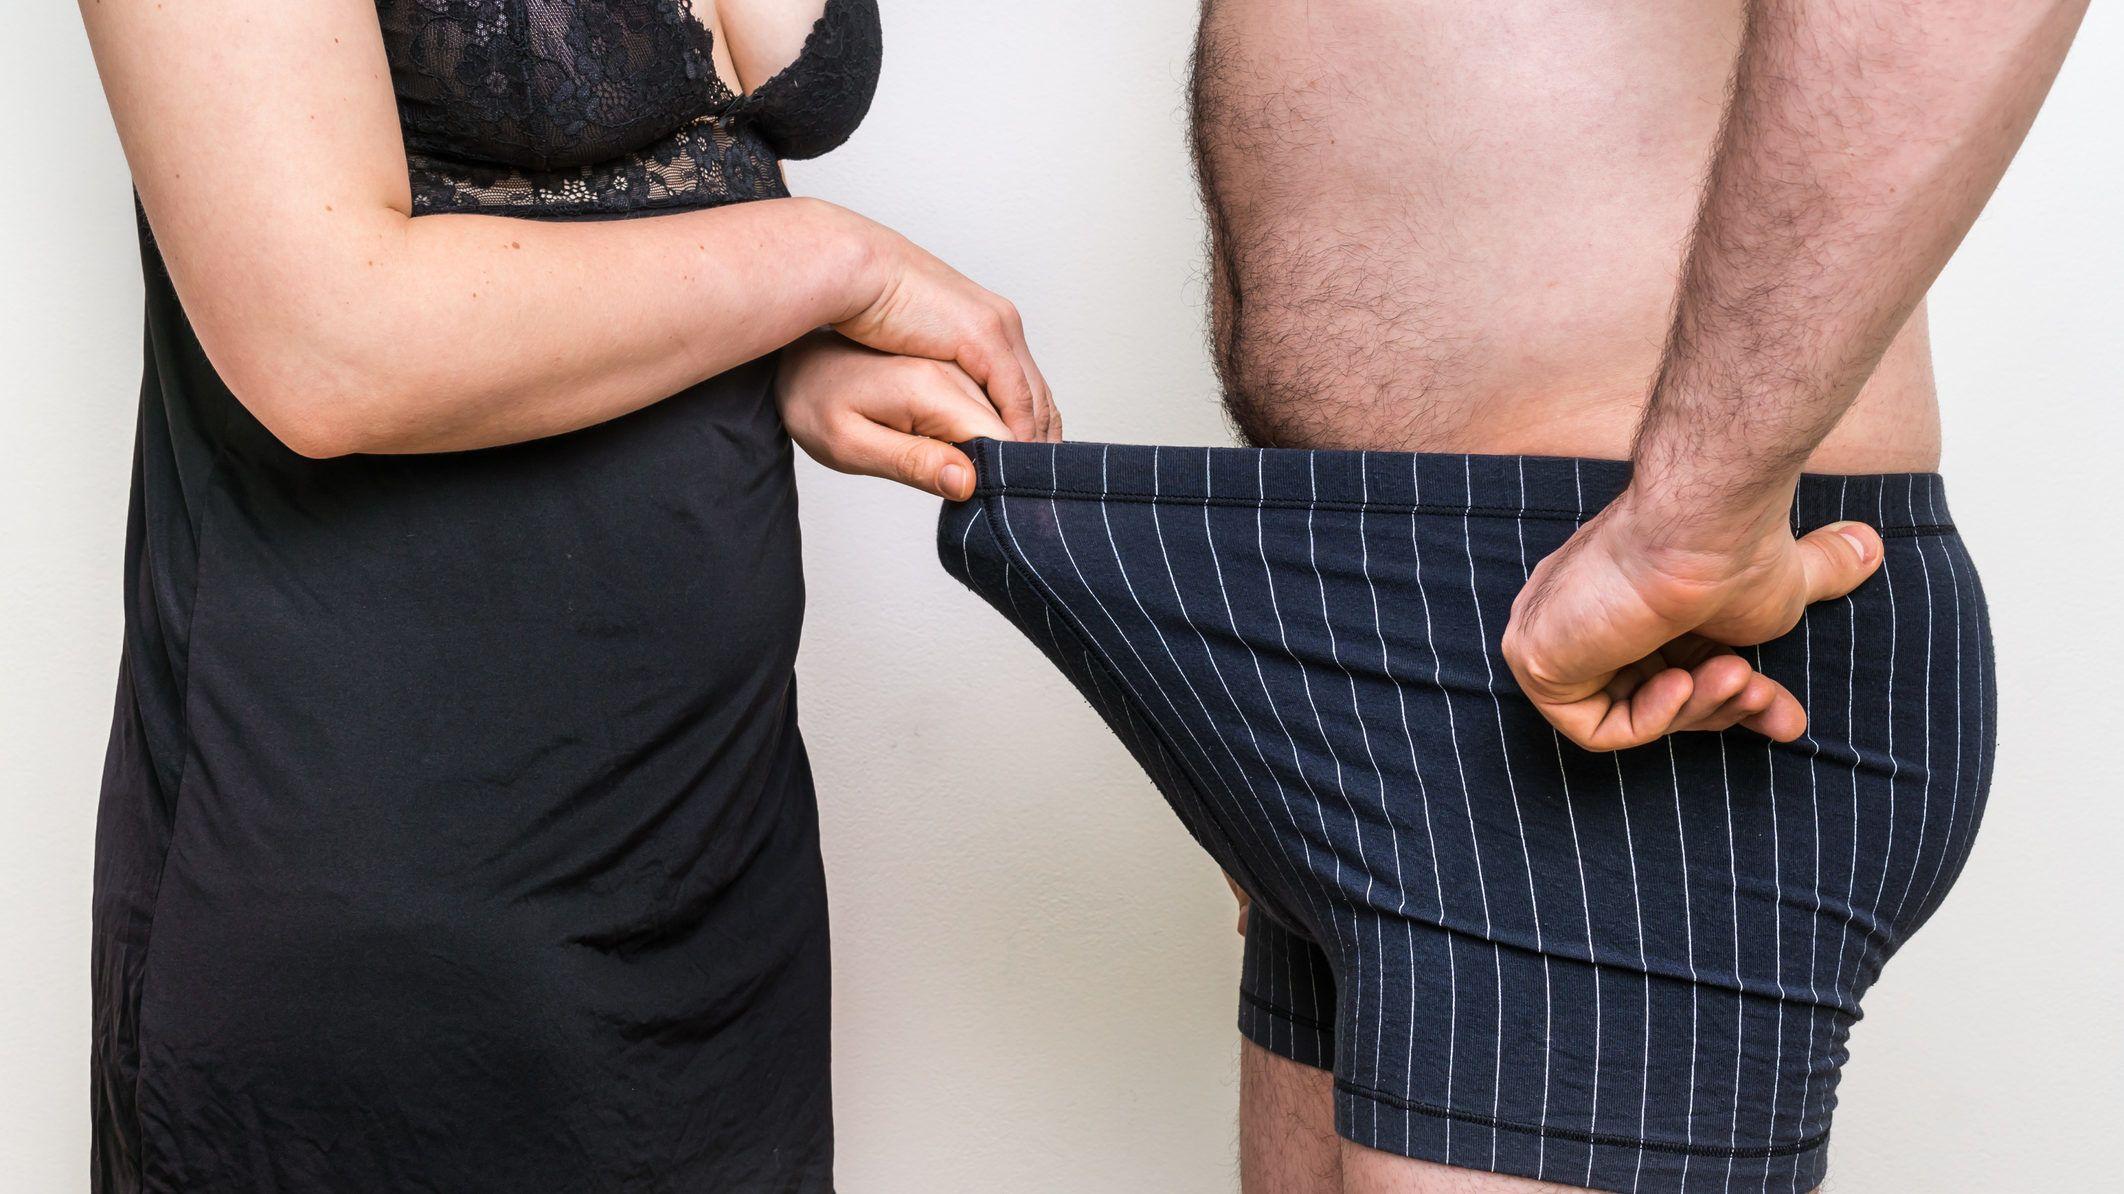 férfi pénisz hány centiméter